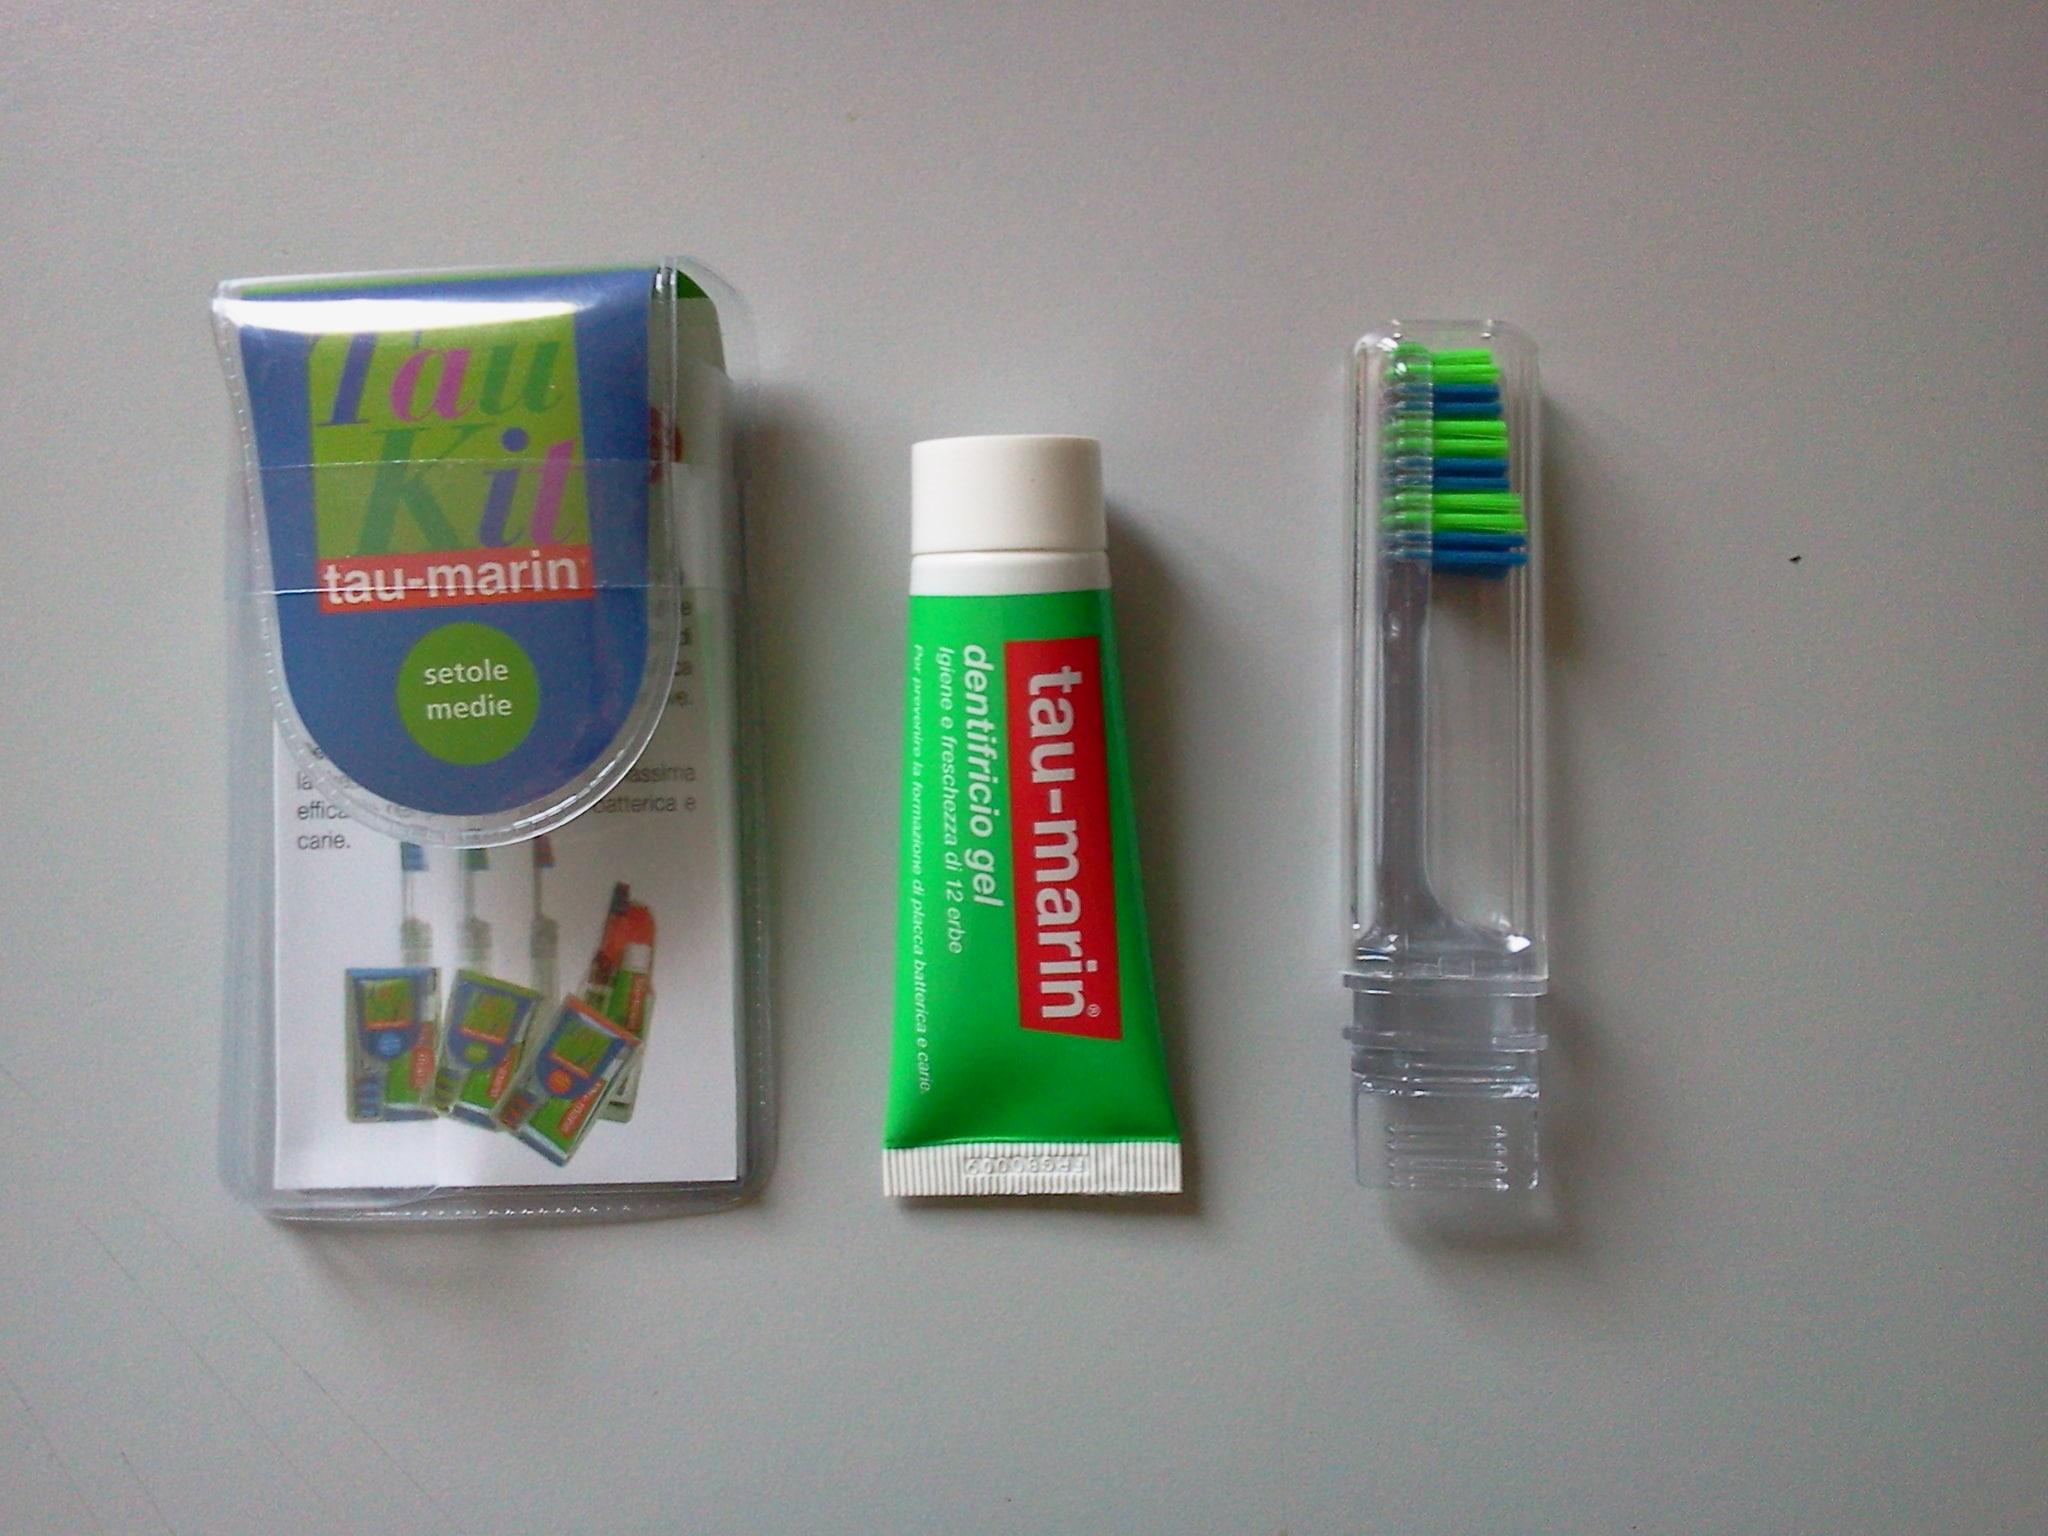 Tau kit spazzolino da viaggio e dentifricio alle erbe - Ml da portare in aereo ...